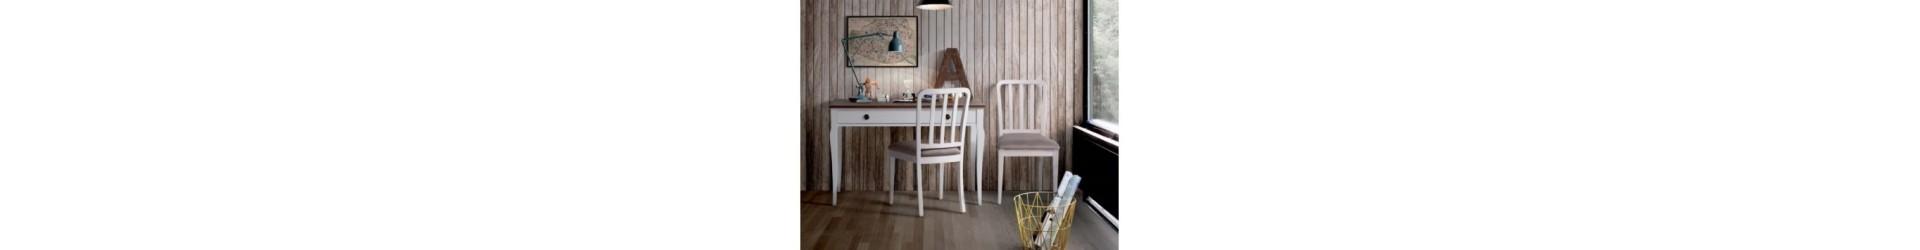 Mesas de despacho y escritorios de madera